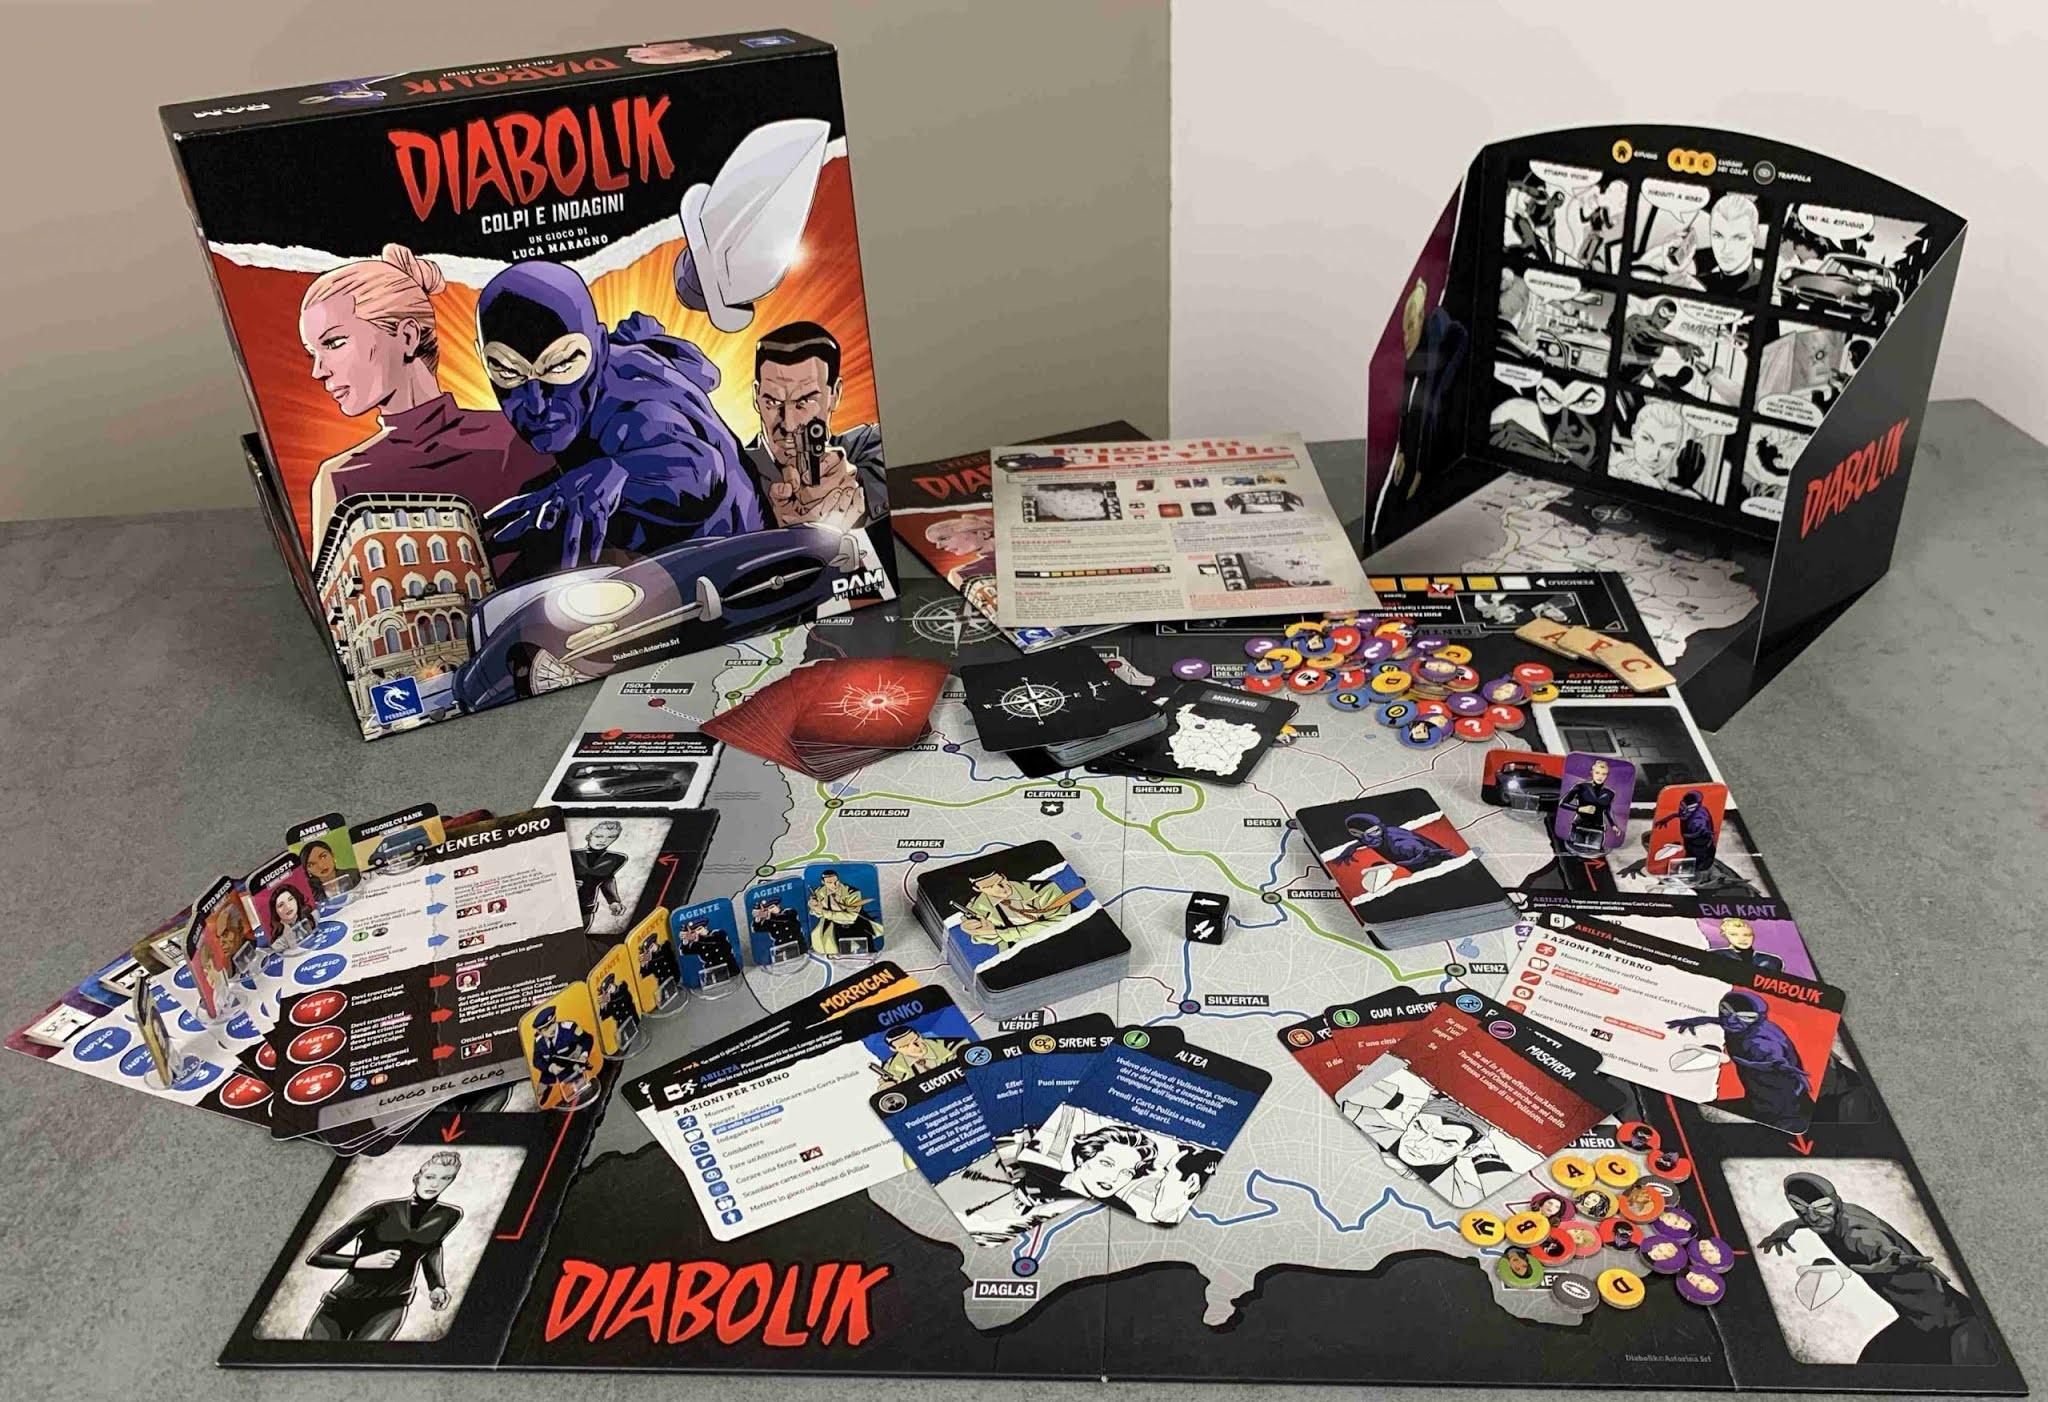 Diabolik - Colpi e Indagini, il gioco da tavolo di Diabolik recensione